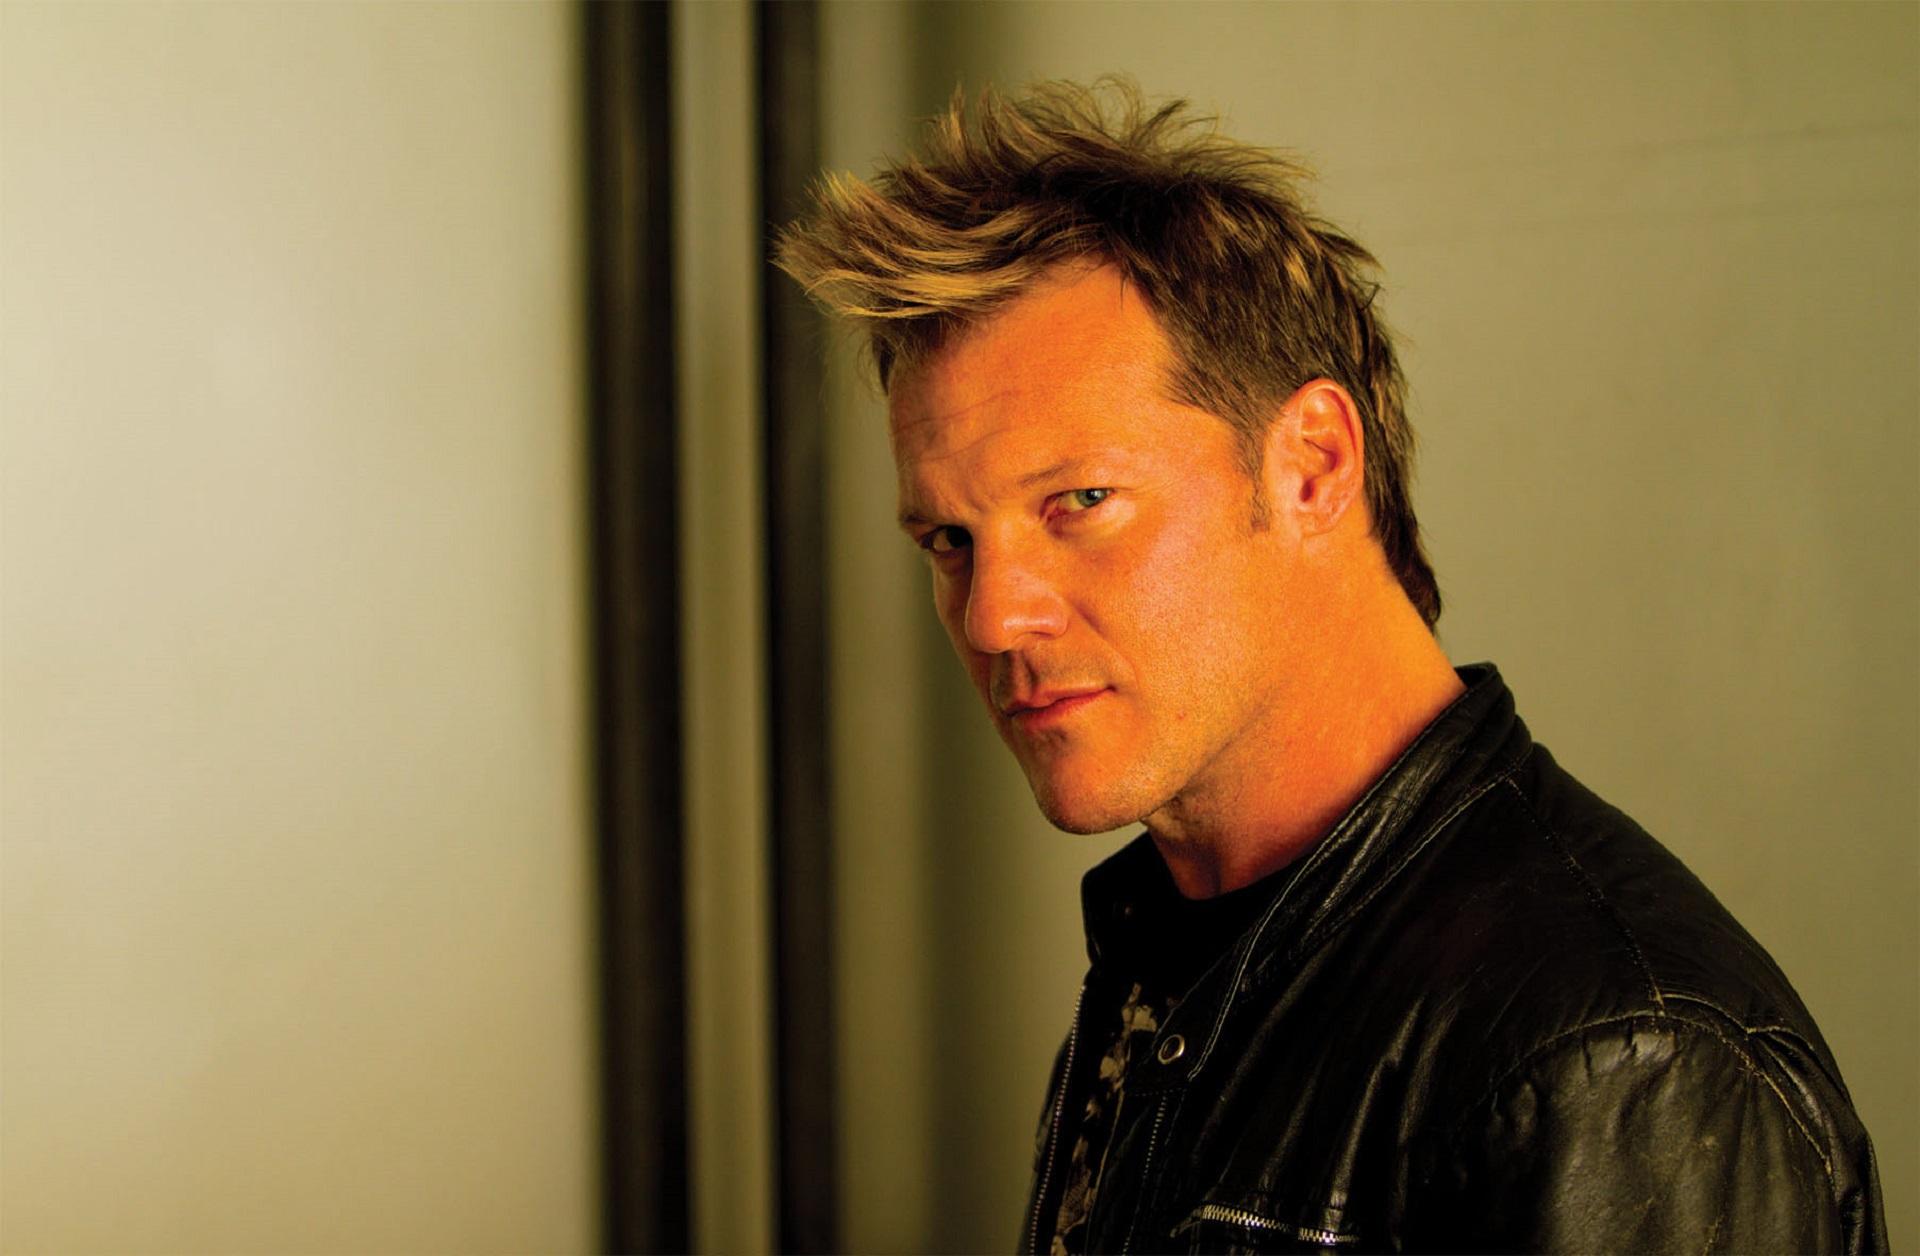 Chris Jericho Images